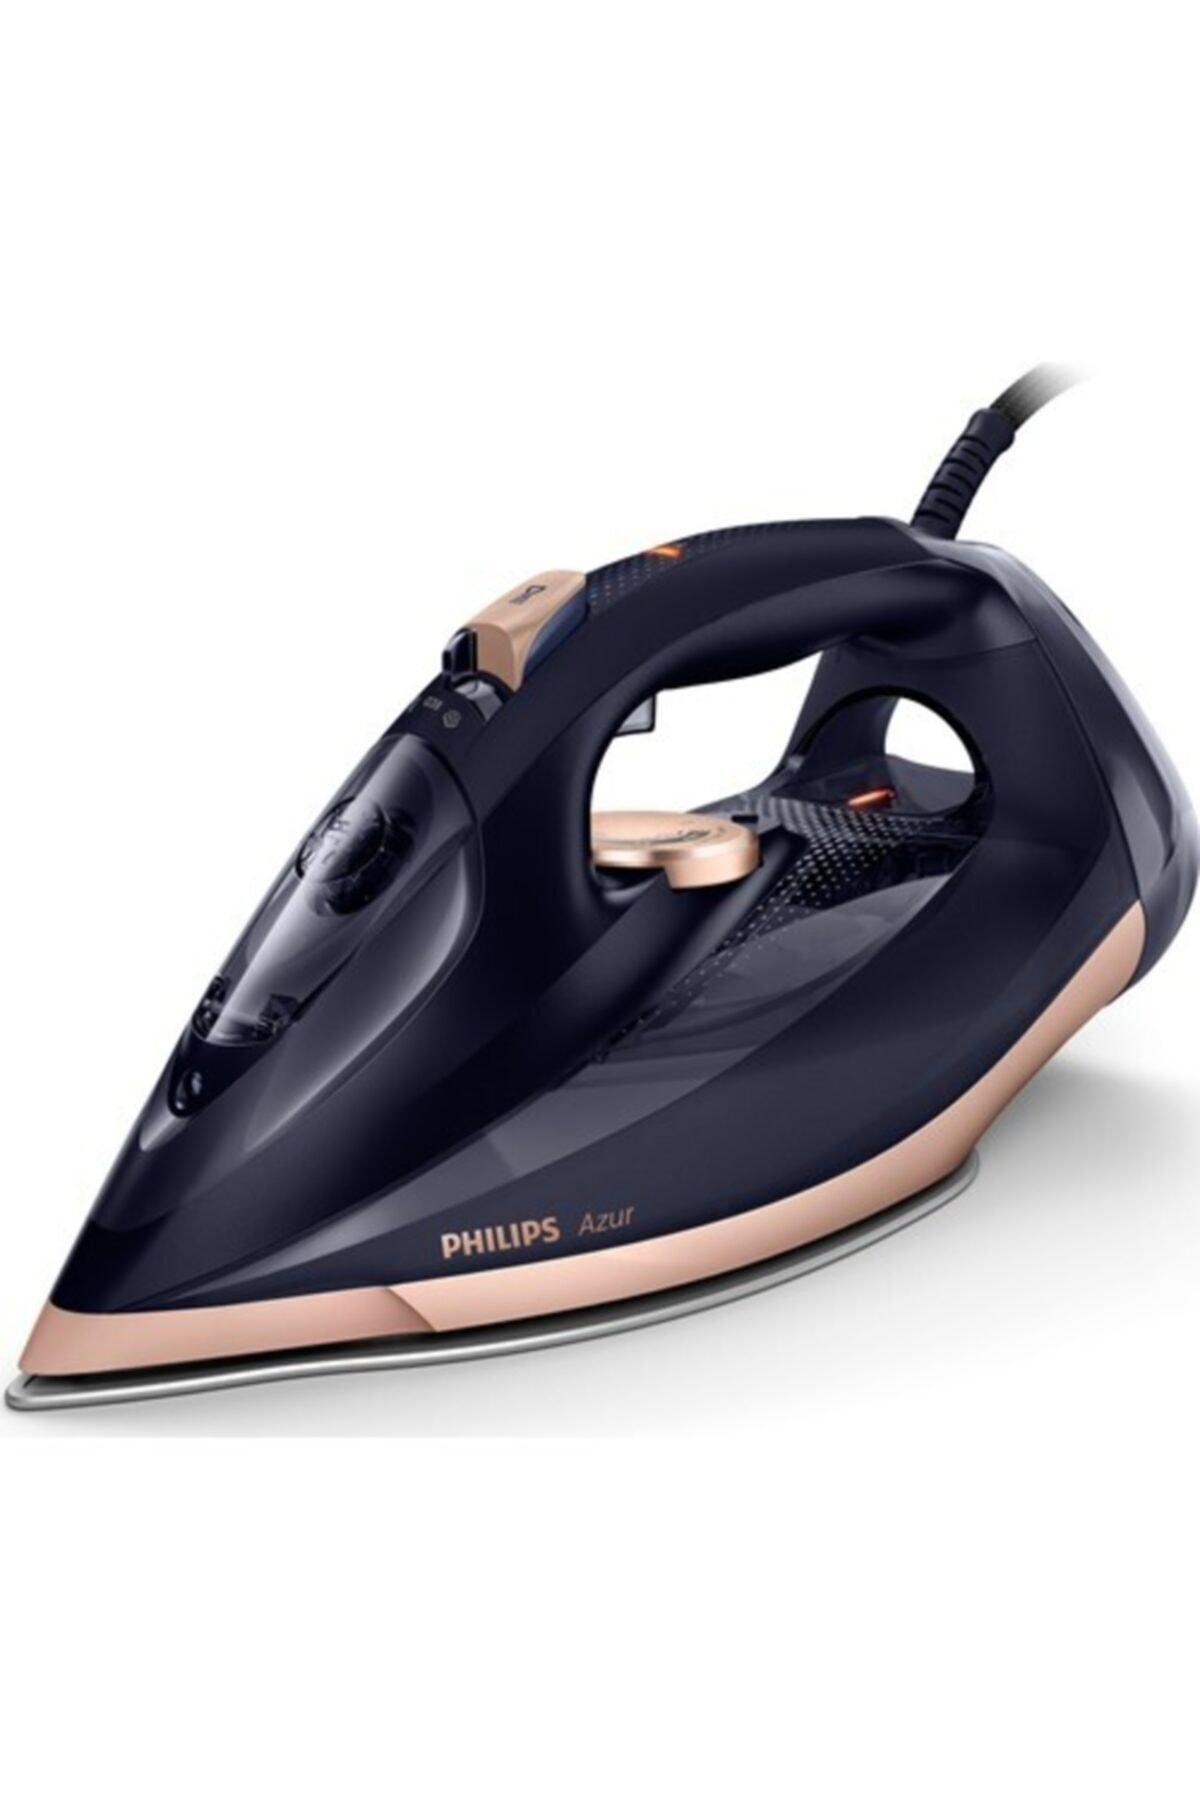 Philips Azur Gc4909/60 3000 W Buharlı Ütü 1